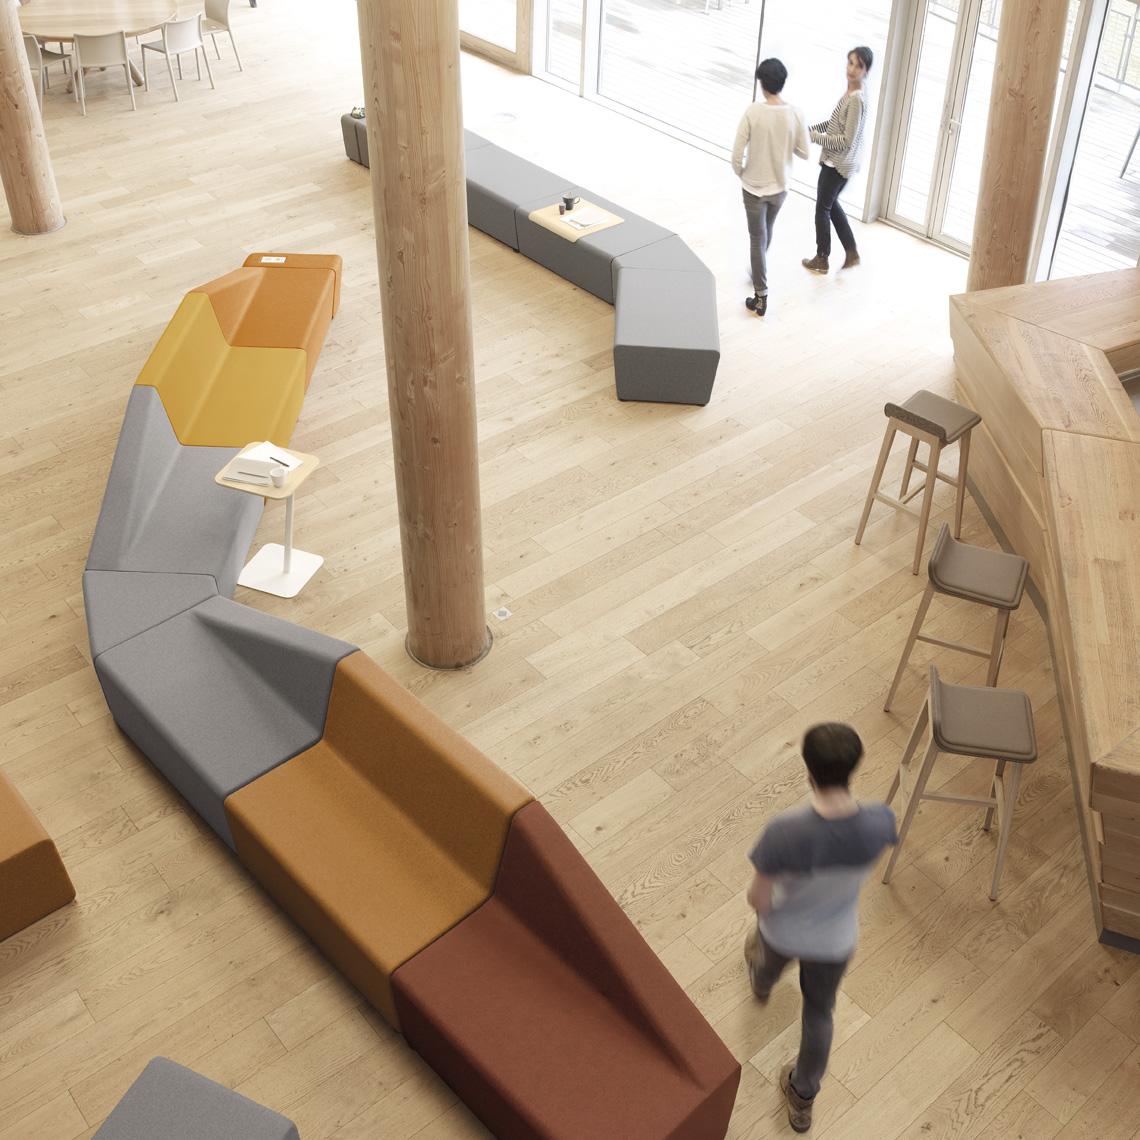 banquettes et canap pour mus e et salle d 39 attente os meen mobilier de bureau. Black Bedroom Furniture Sets. Home Design Ideas